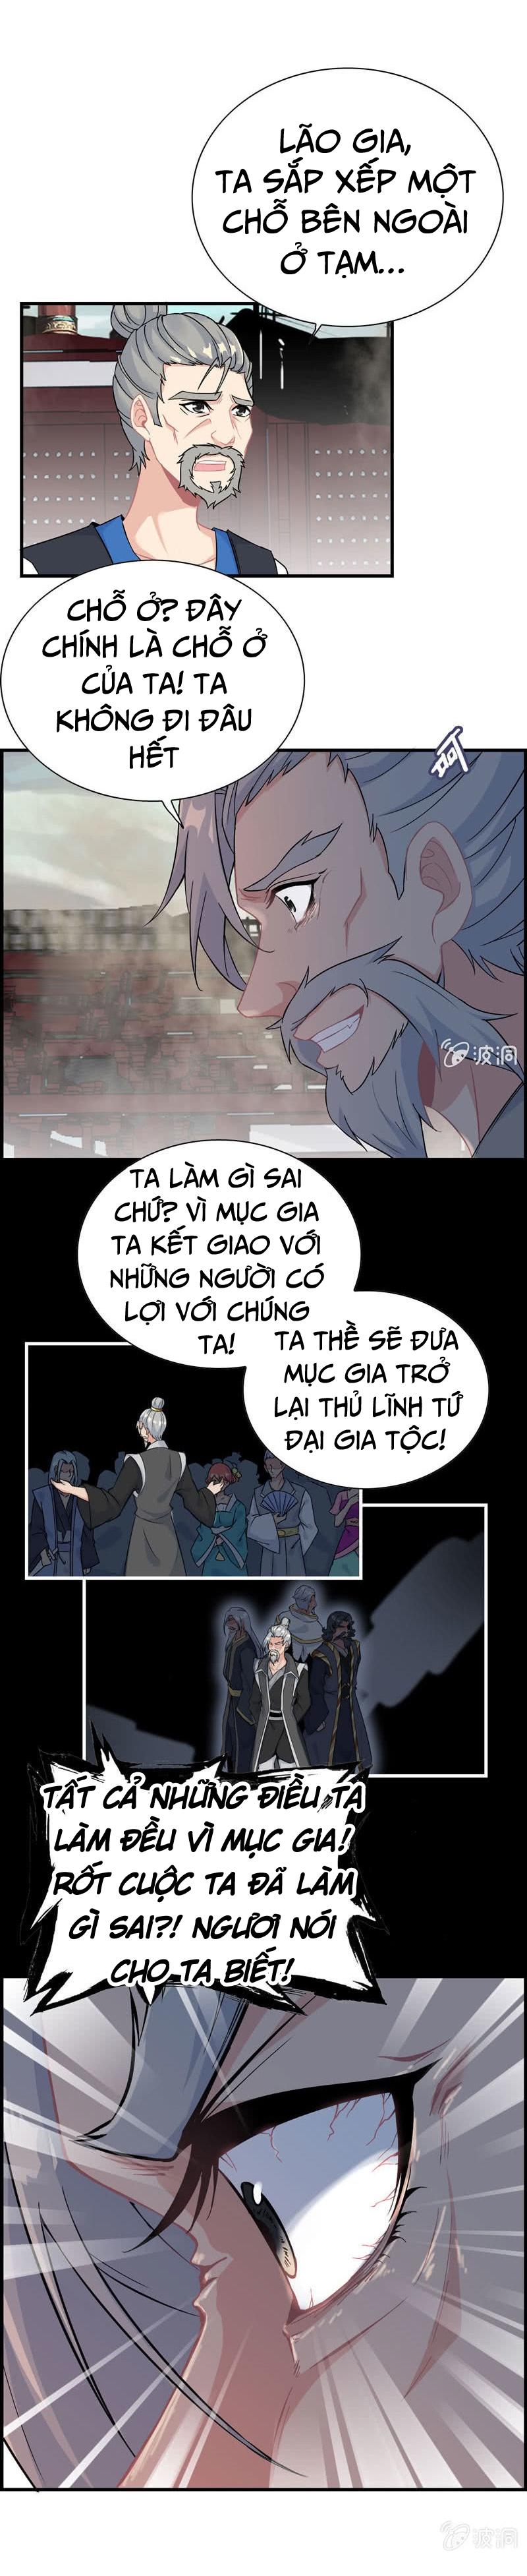 Thần Ma Thiên Sát Chapter 33 video - Hamtruyen.vn